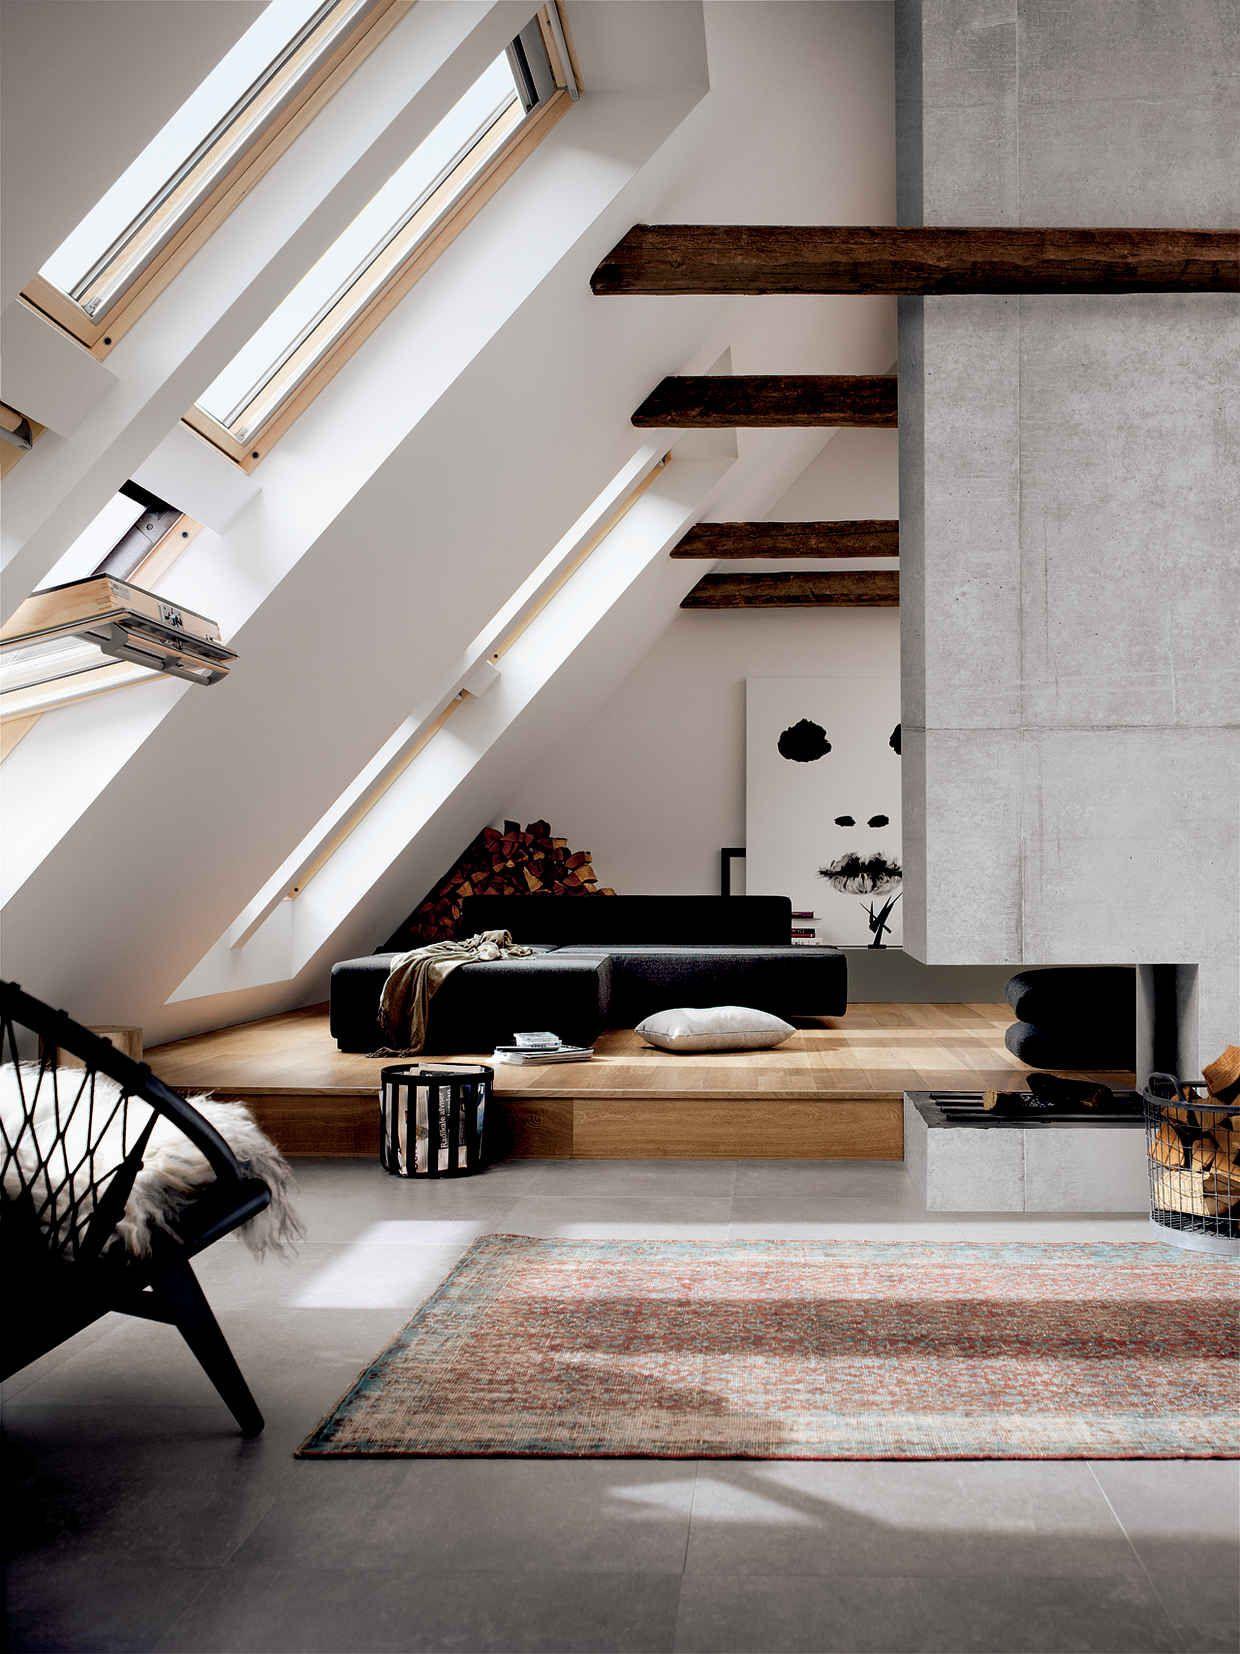 36 Examples Of Minimal Interior Design 9 Arquitectura Interior